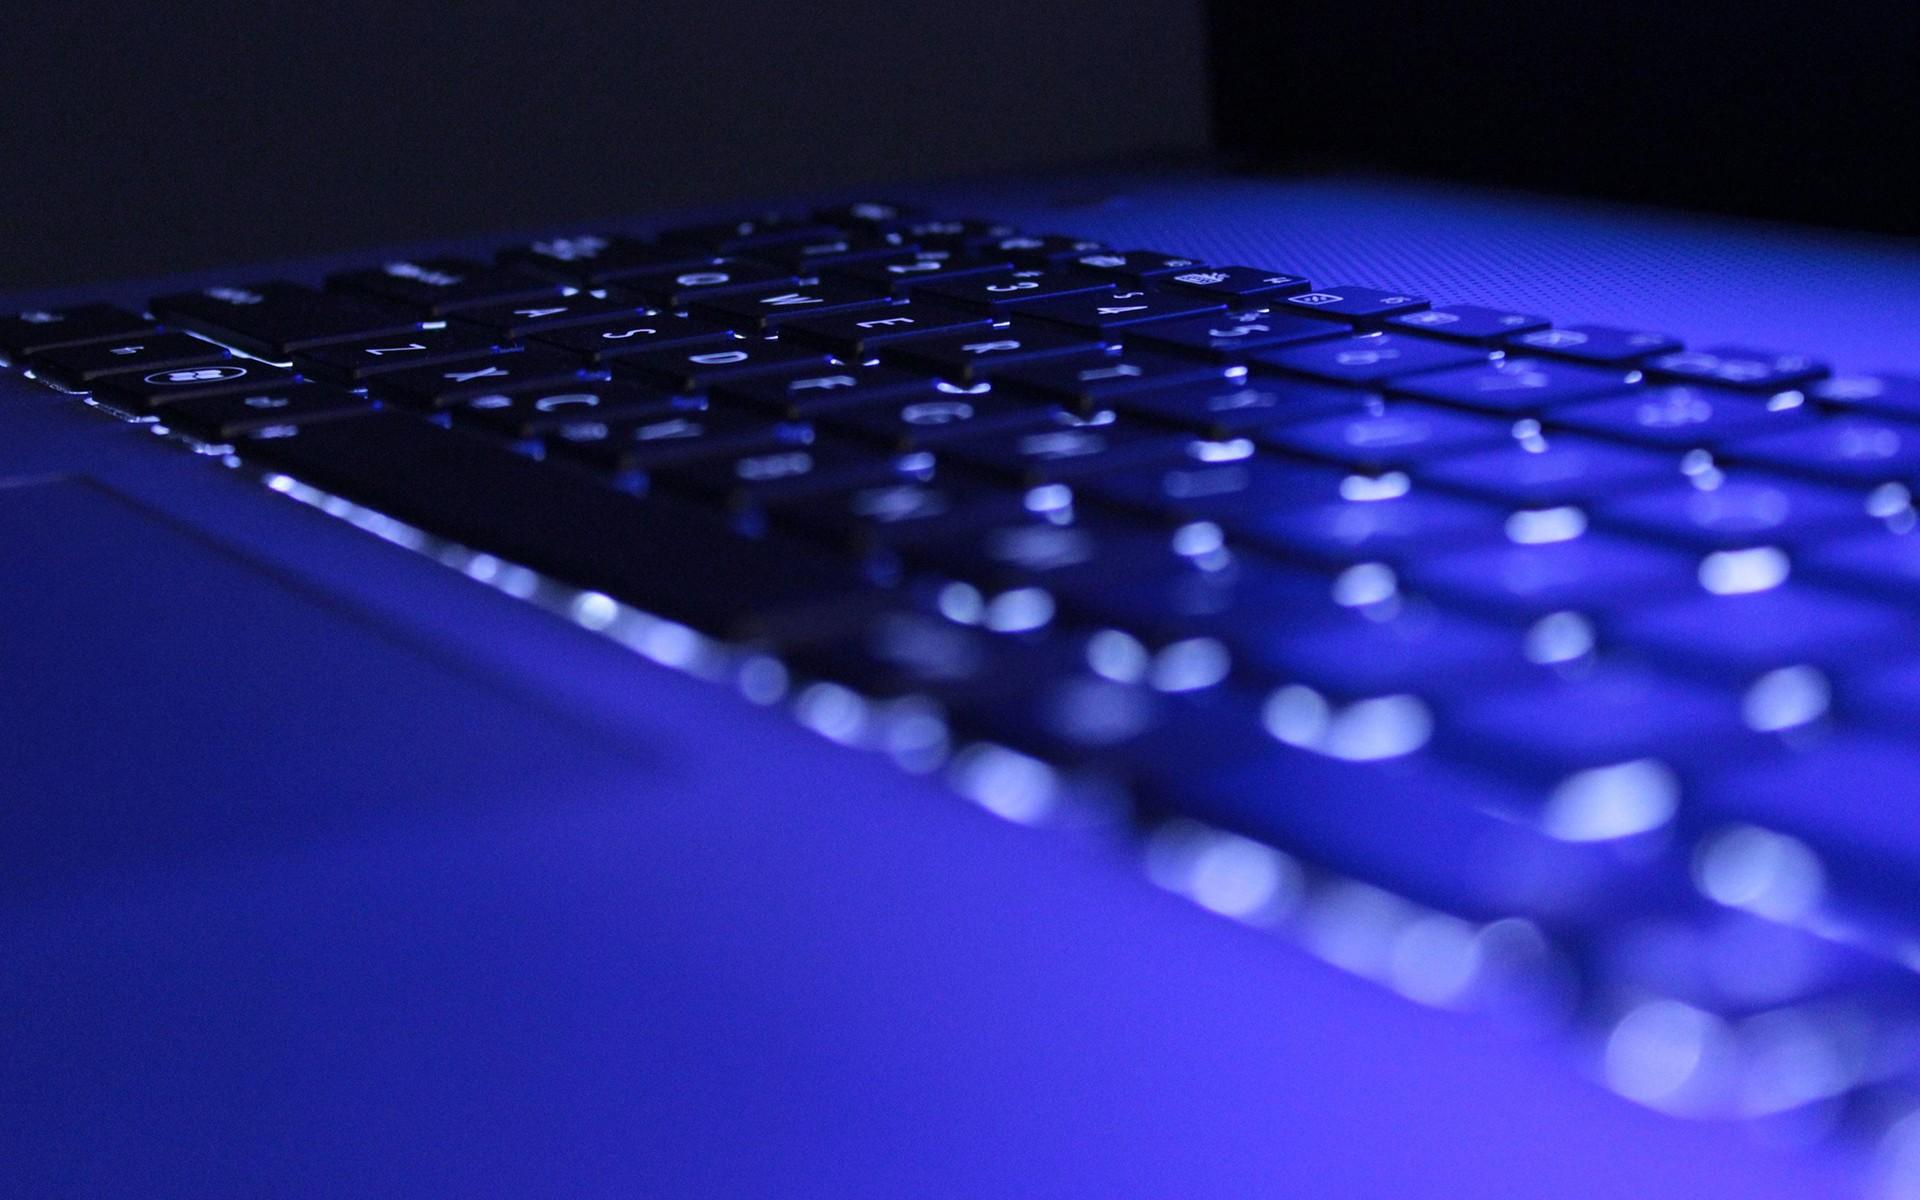 keyboard desktop wallpaper 50585 1920x1200 px